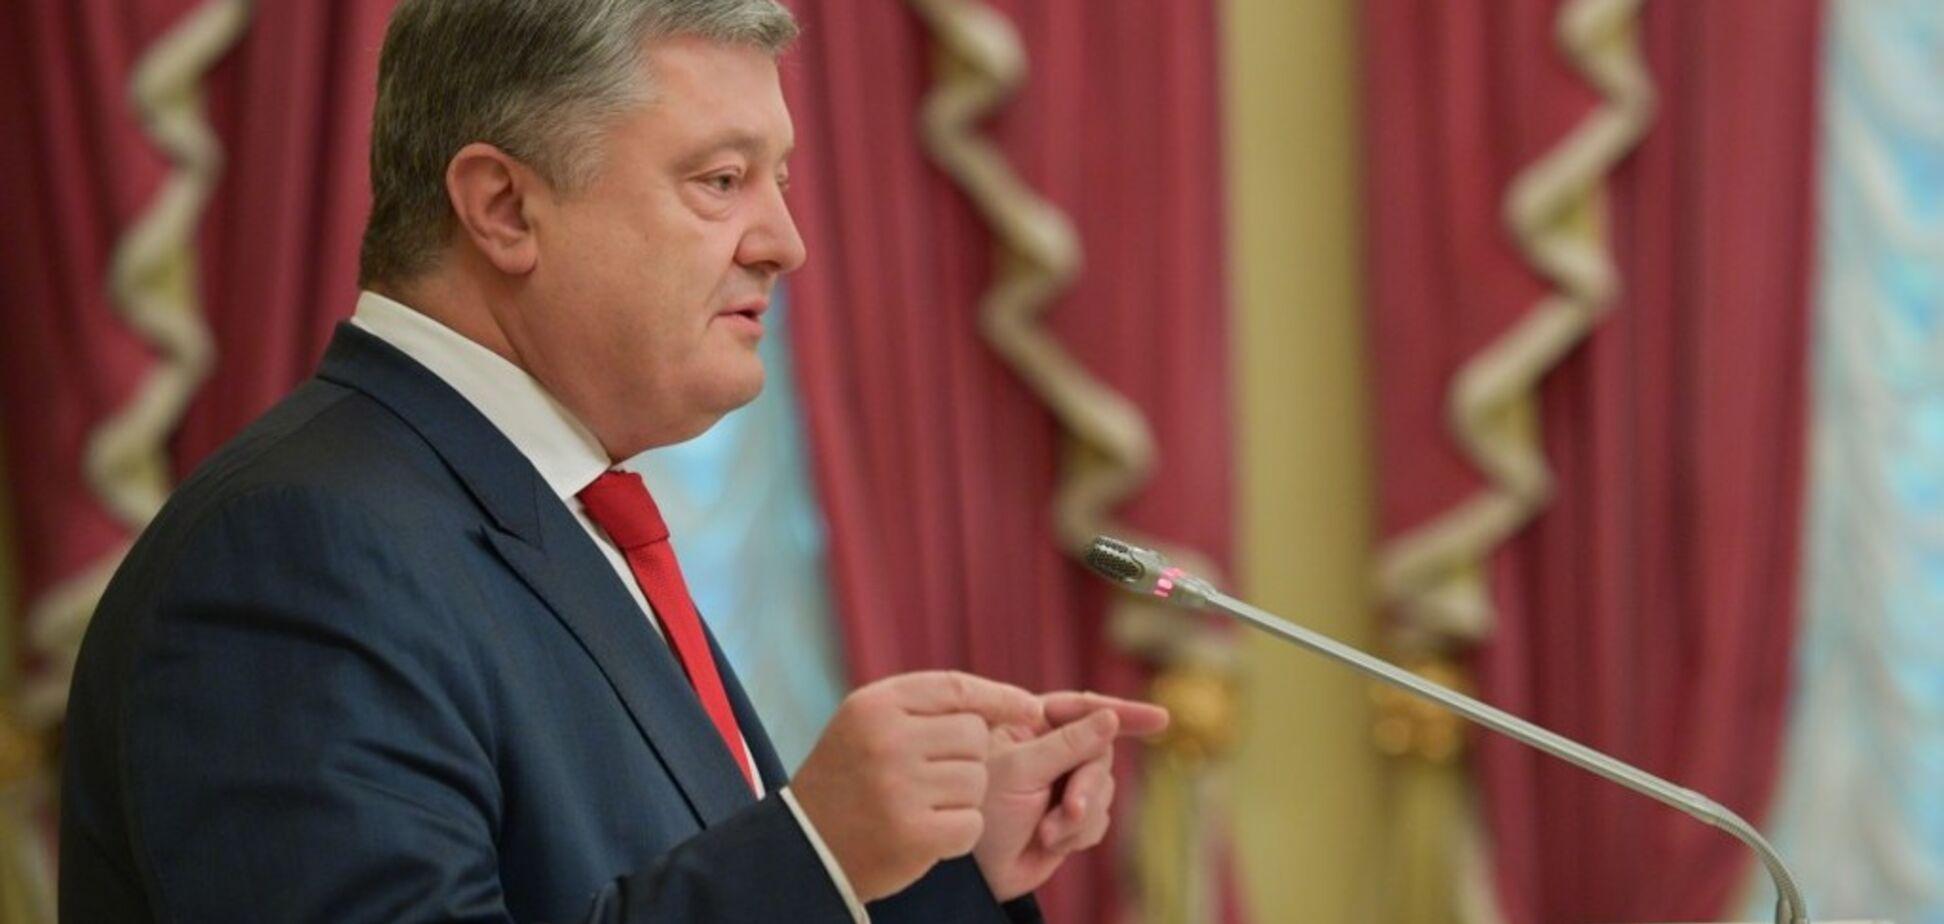 ''Через язык мы познаем себя'': Порошенко выступил с грандиозной речью по украинизации